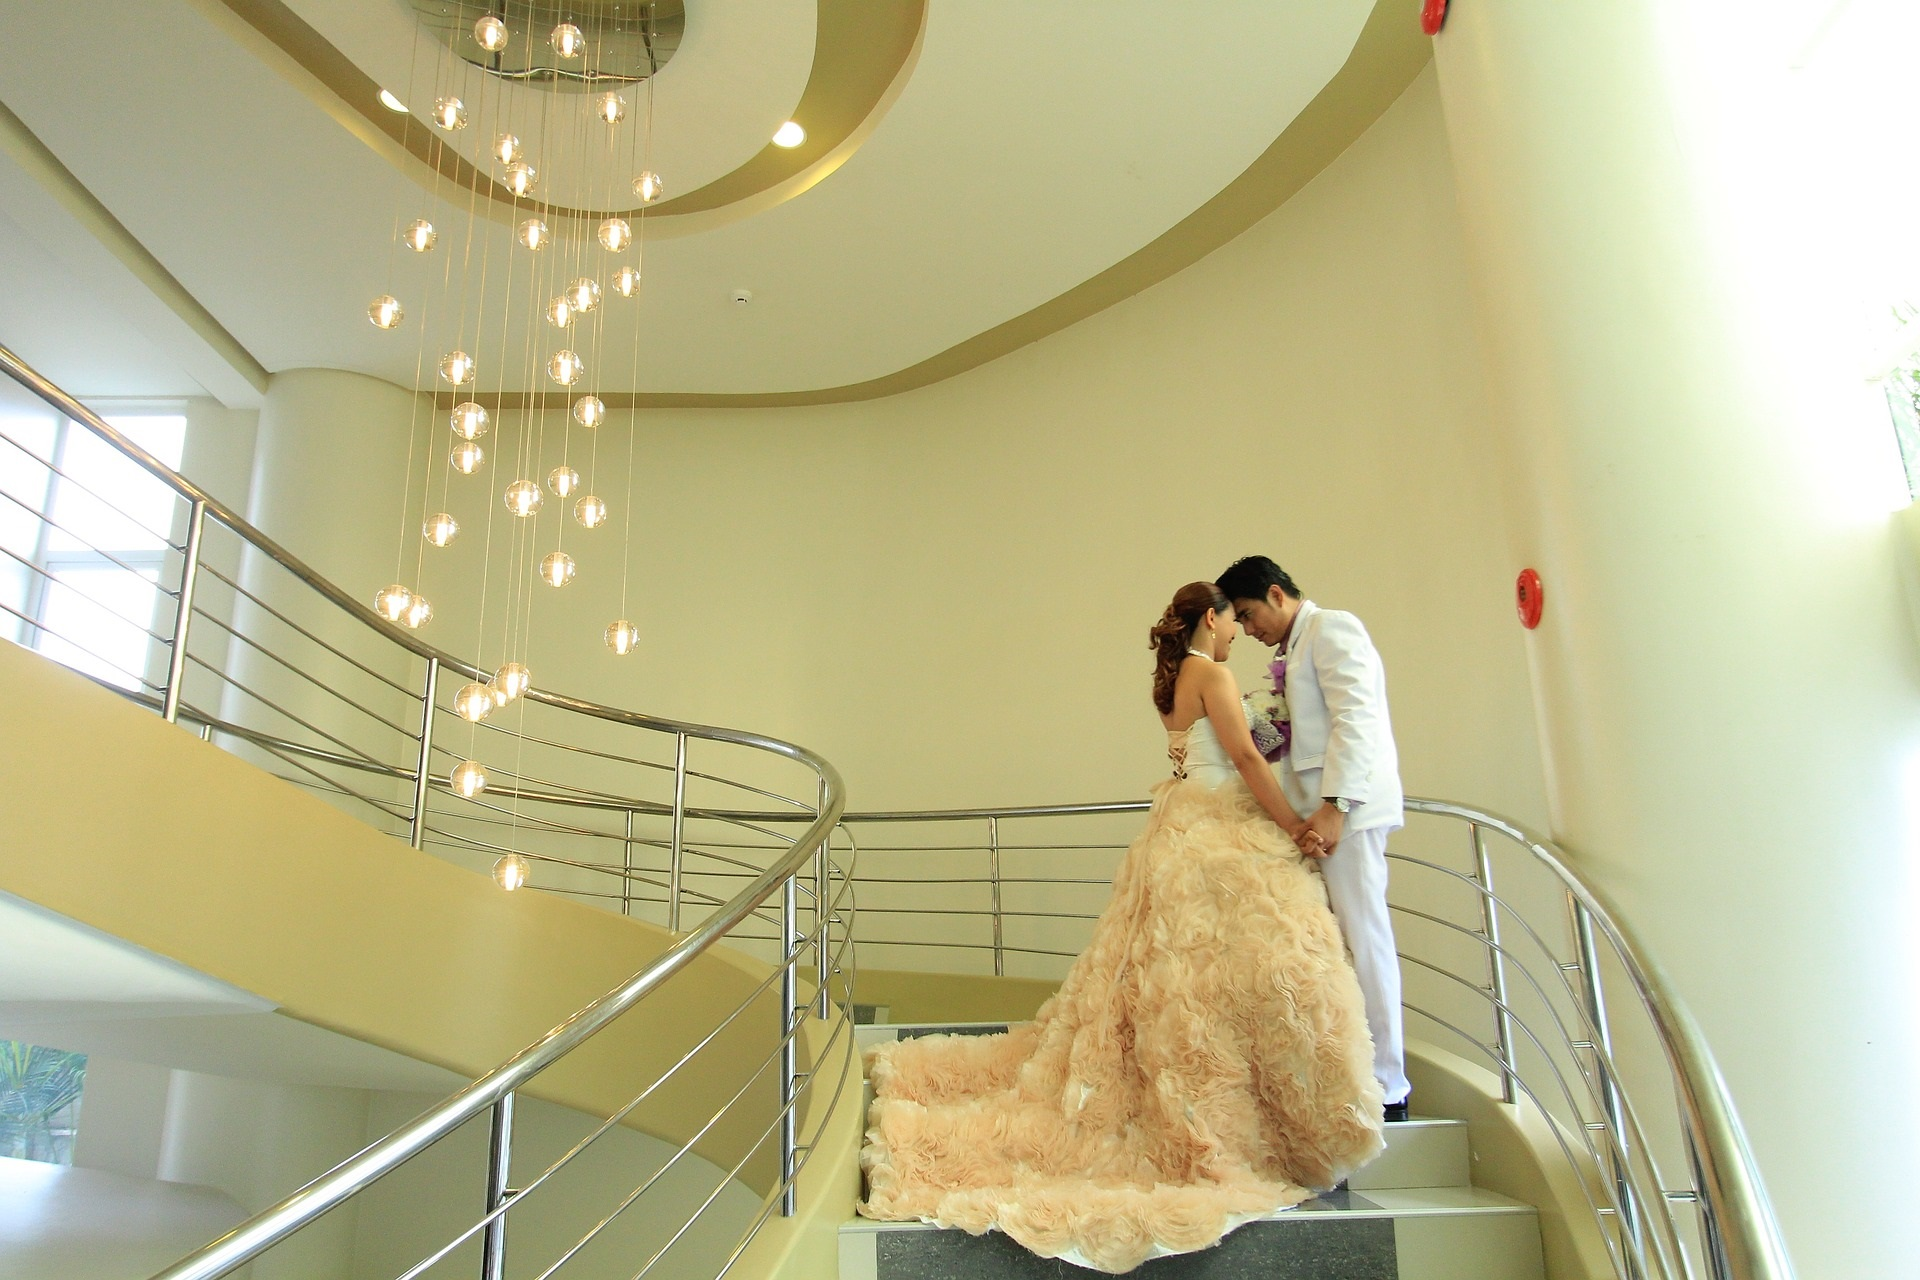 Vorhänge und Lichterdekorationen bei Hochzeiten - Trends 2019